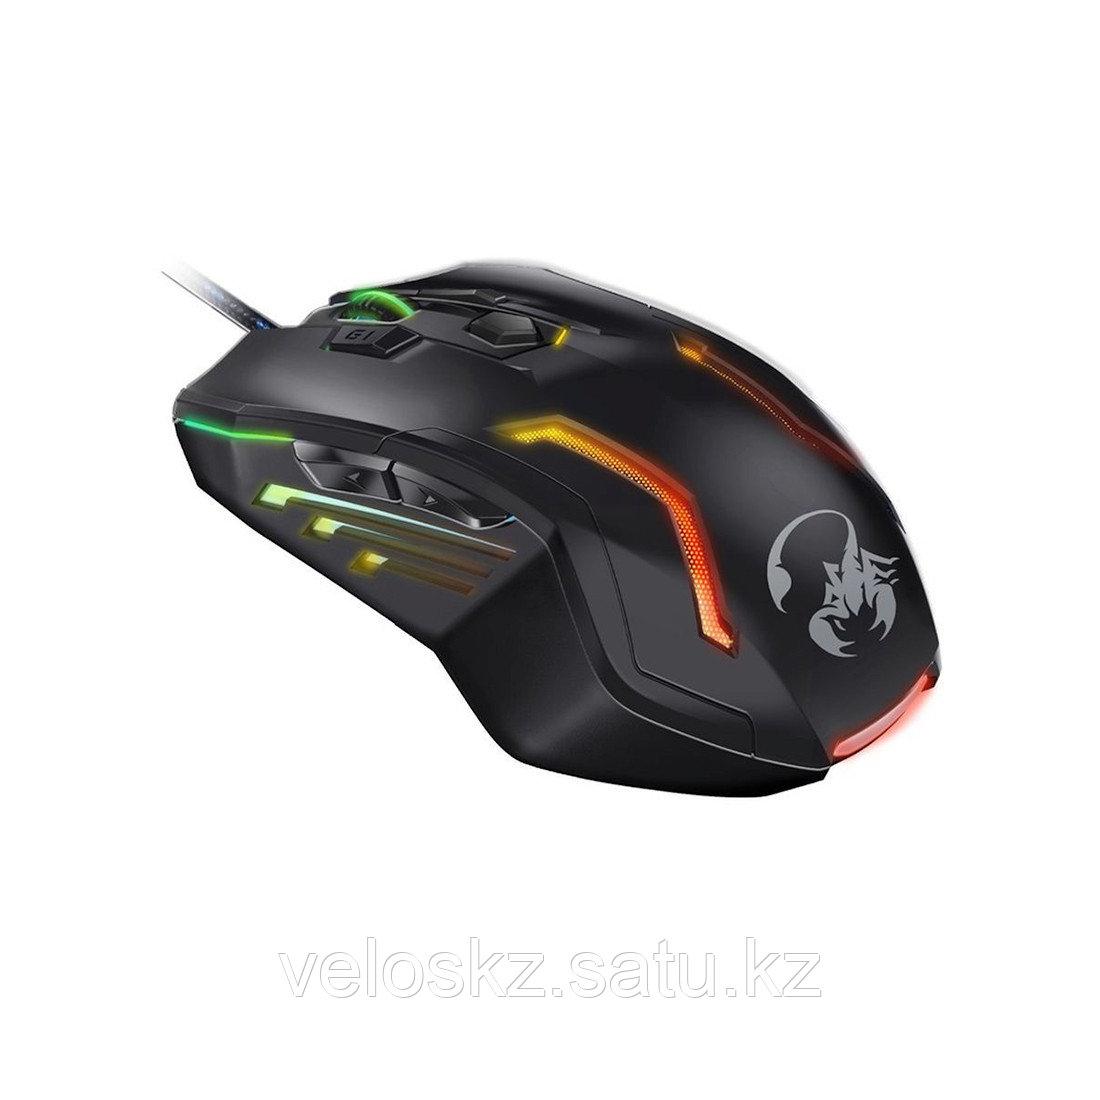 Genius Мышь проводная Genius Scorpion Spear Pro RGB